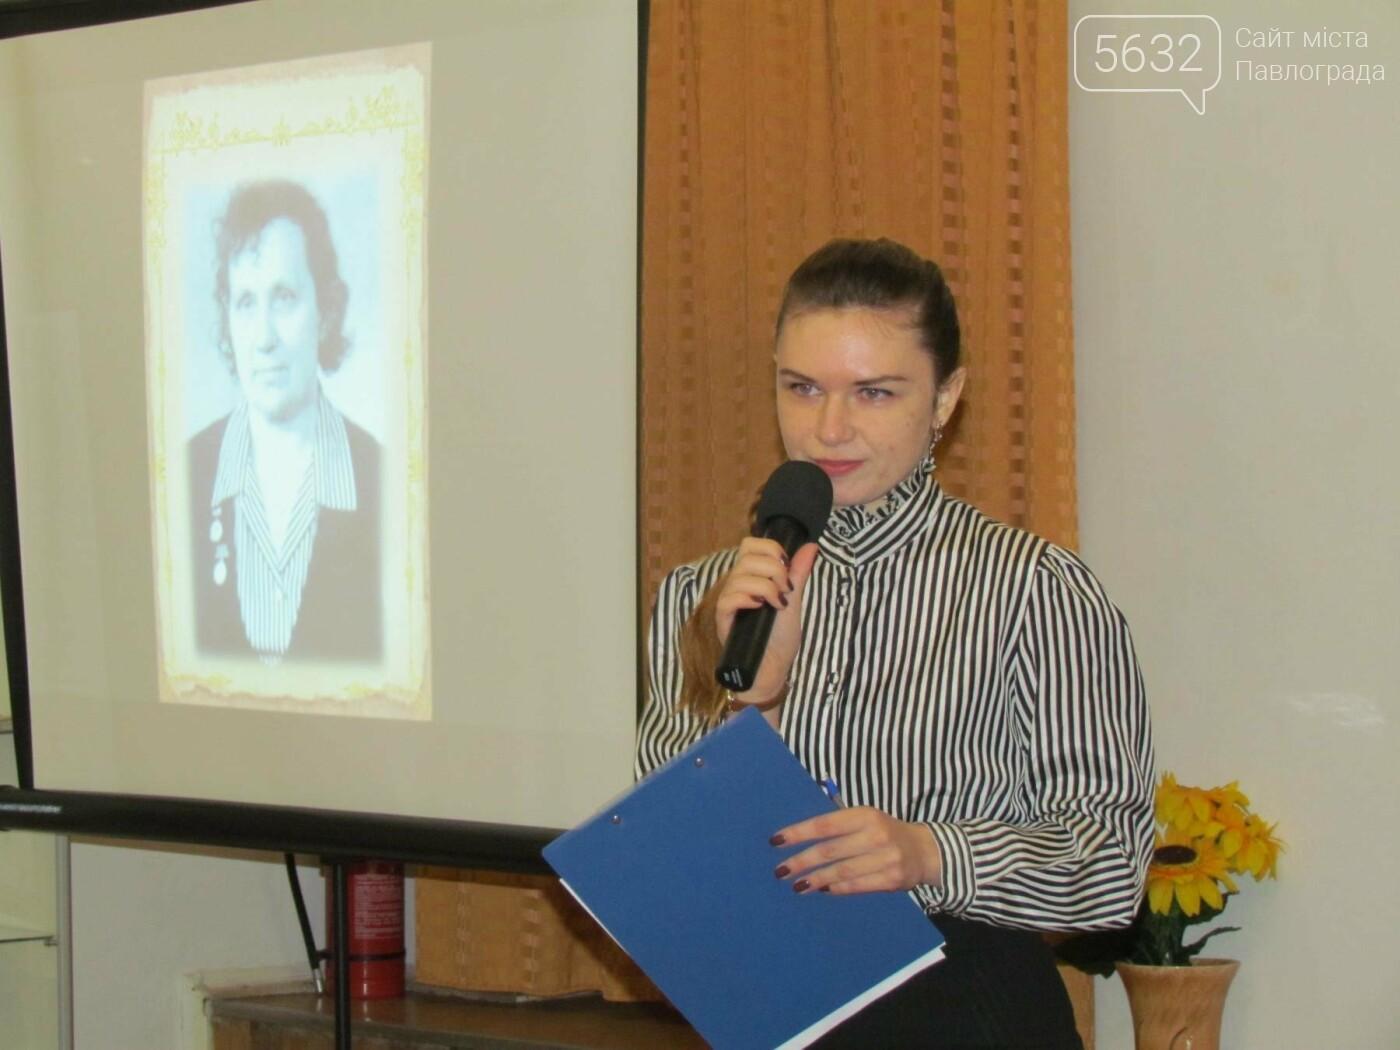 Горожане почтили память основателя Павлоградского историко-краеведческого музея, фото-2